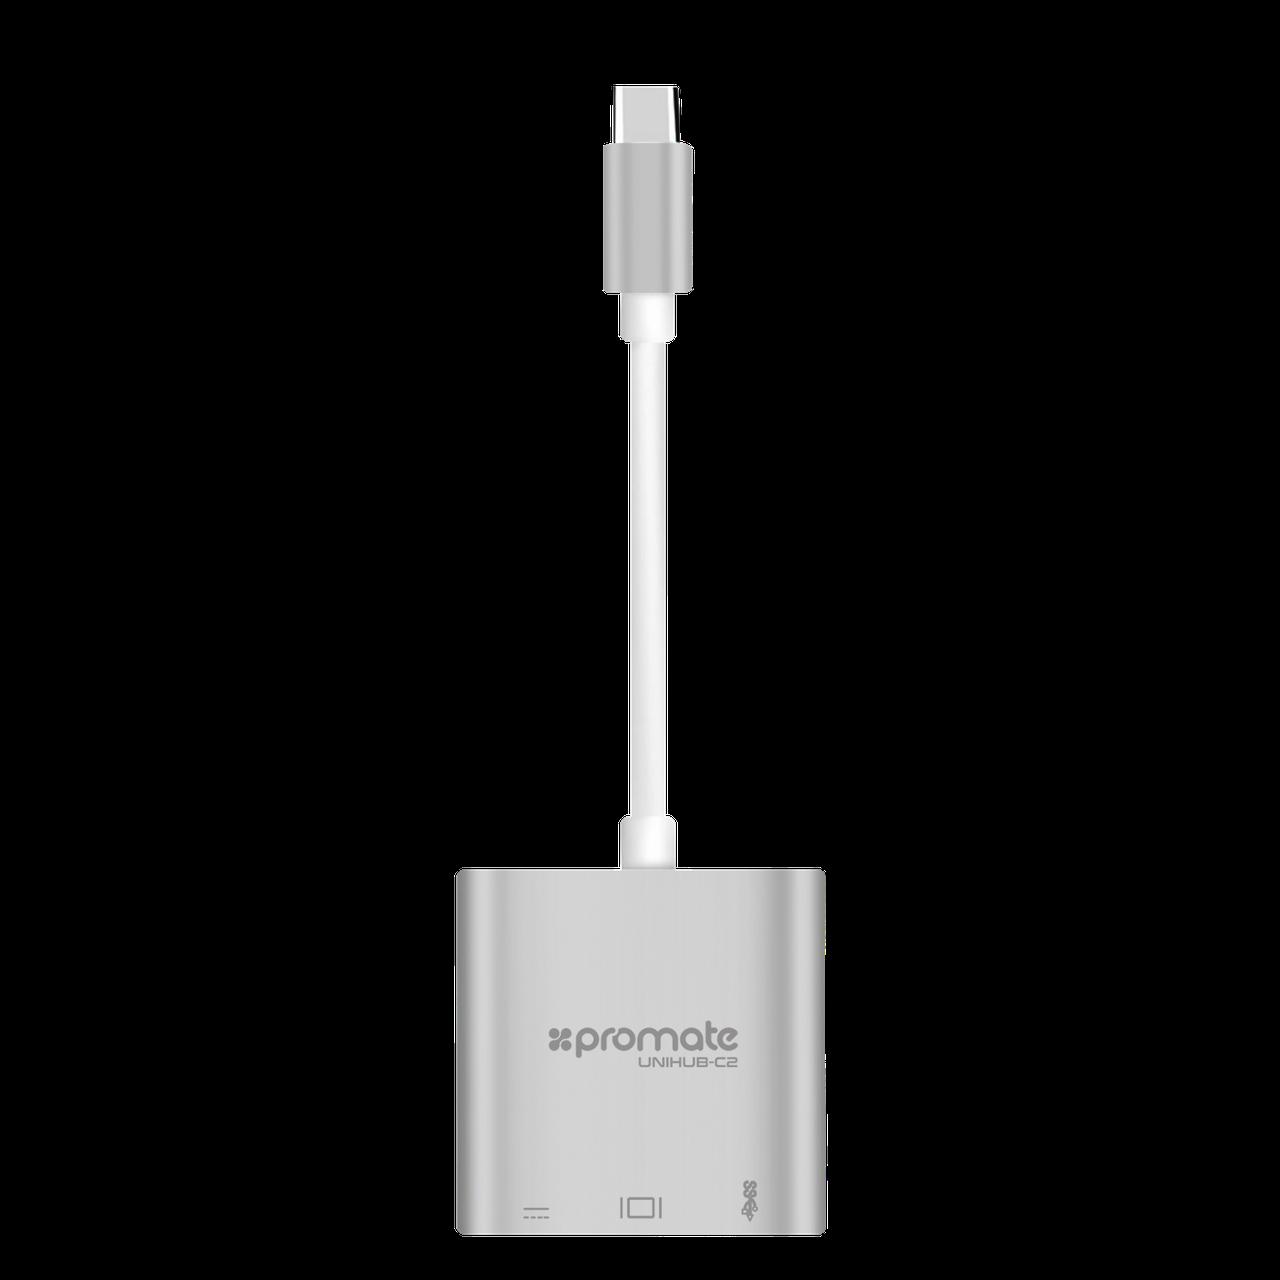 USB Хаб UniHub-C2 Grey